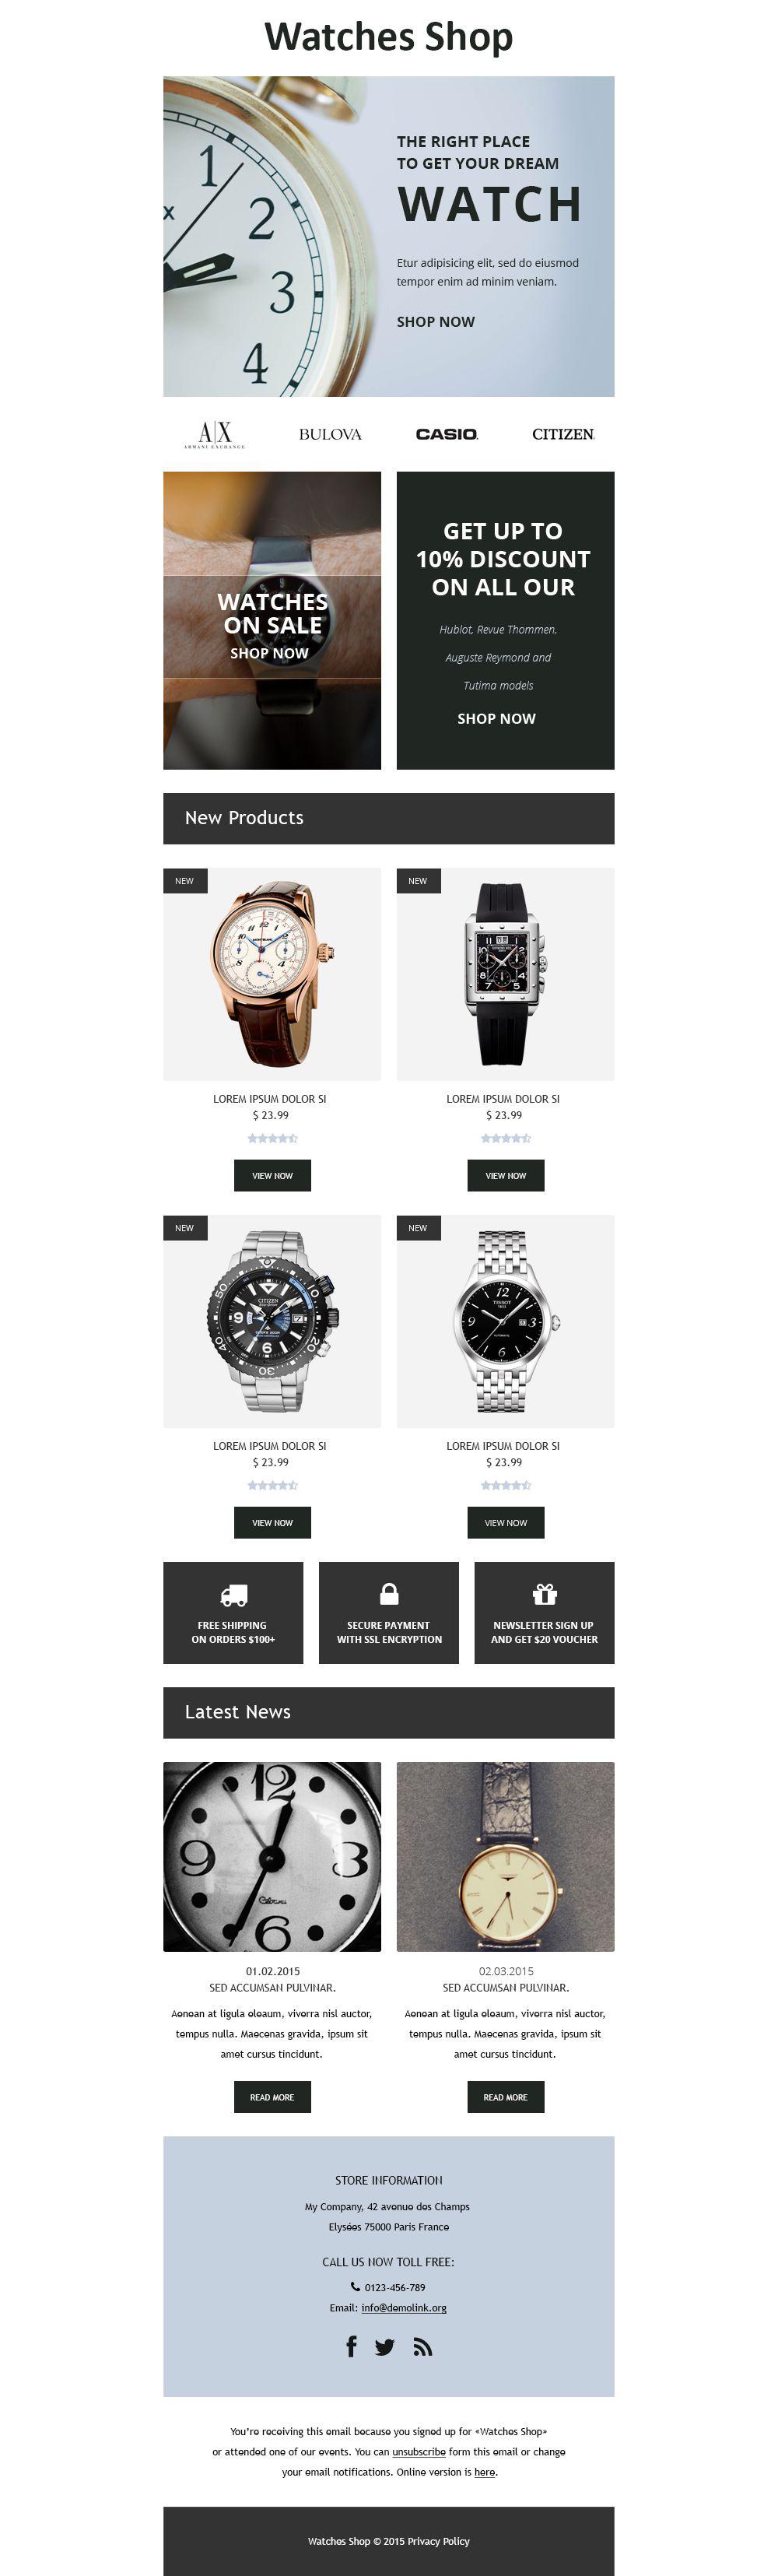 Responsive Nieuwsbrief Template over Horloges №55374